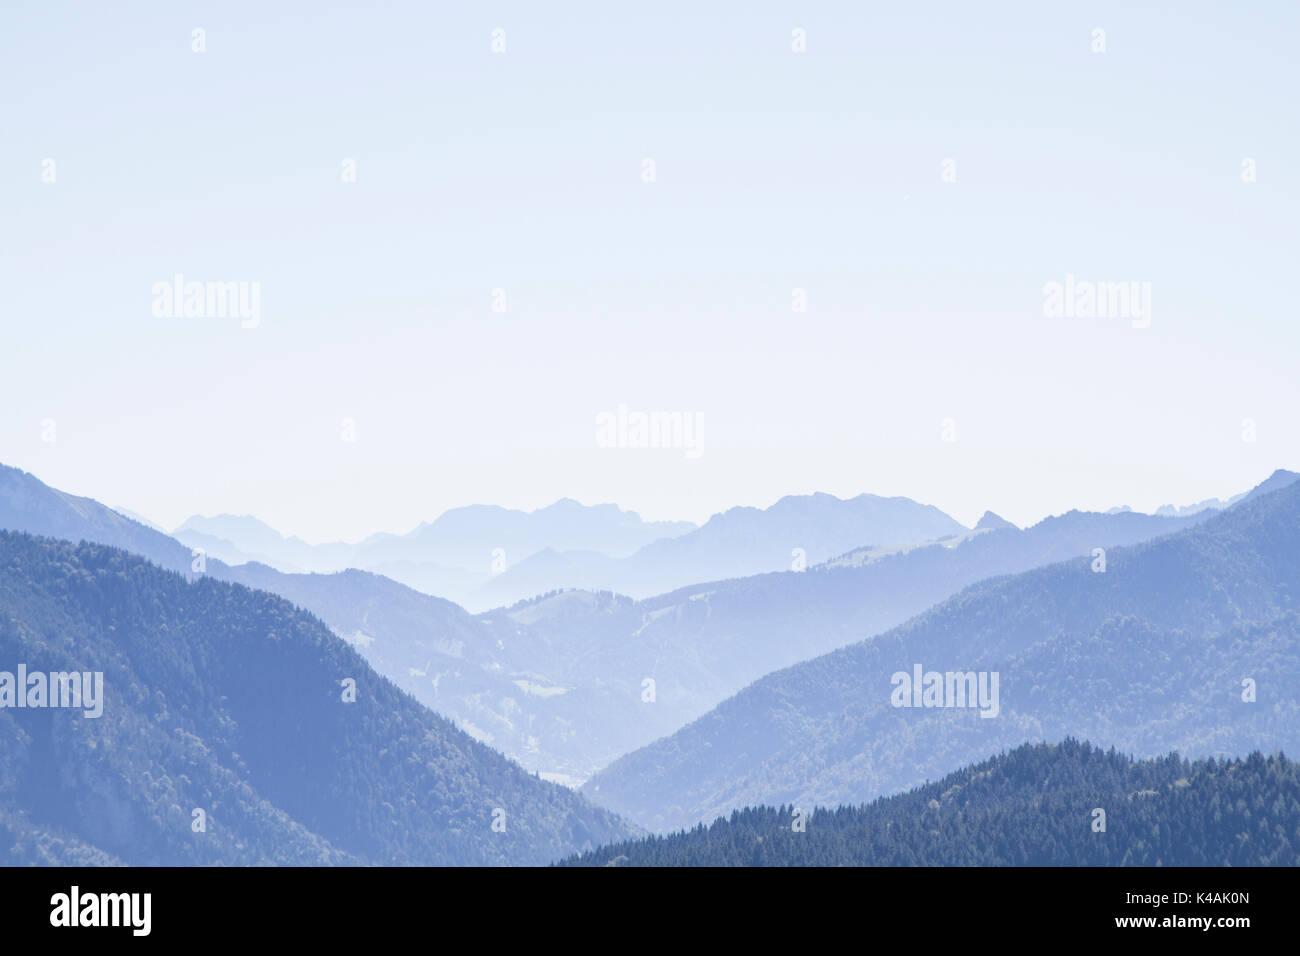 Kaisergebirge Von Der Gindelalm Aus Gesehen - Stock Image